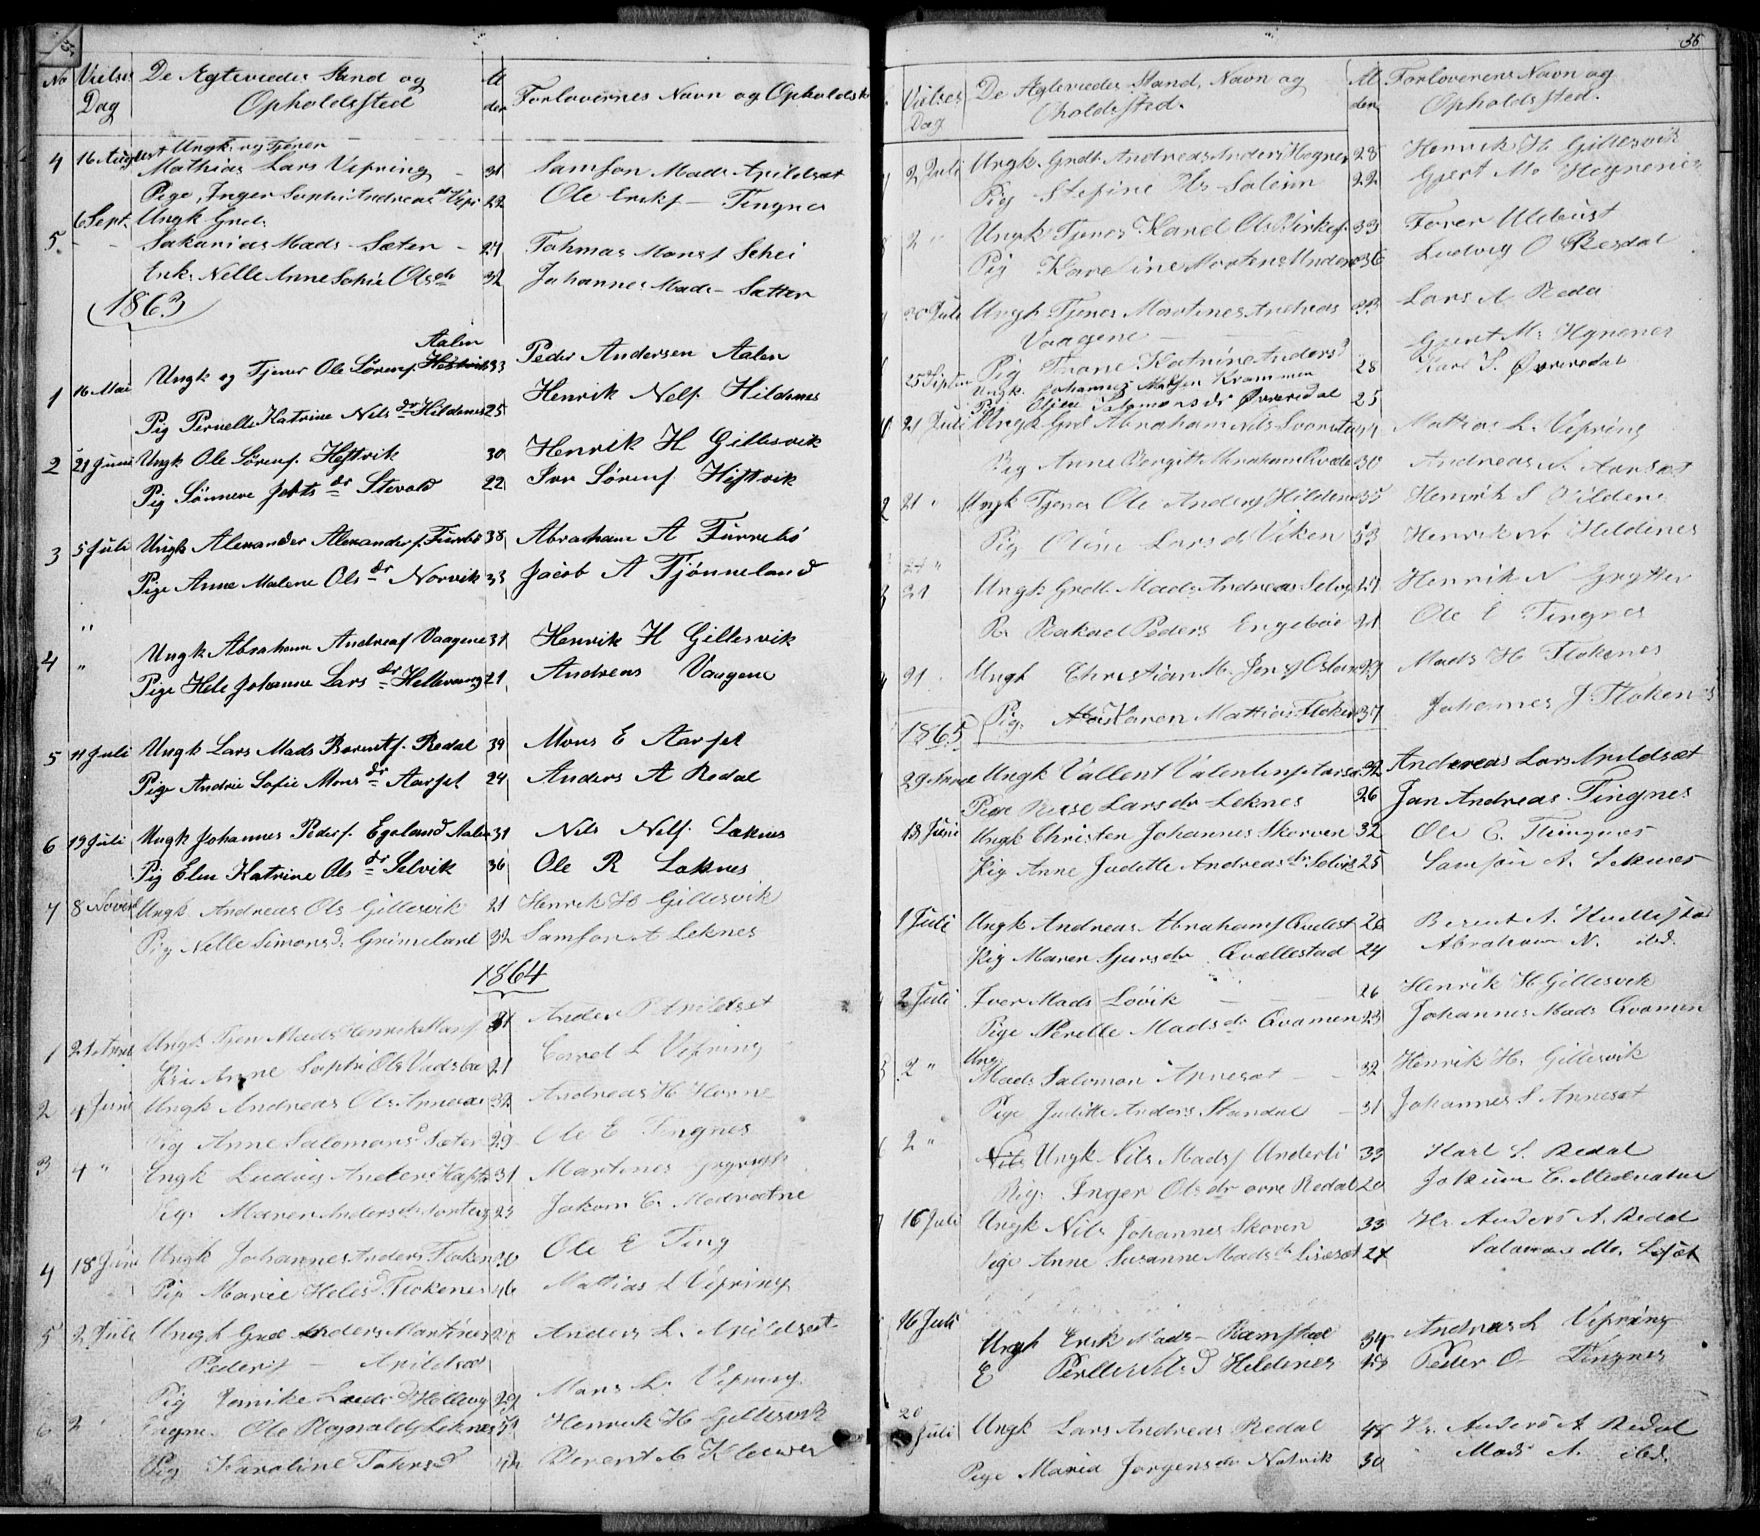 SAB, Førde Sokneprestembete, H/Hab: Klokkerbok nr. E 0, 1853-1880, s. 56